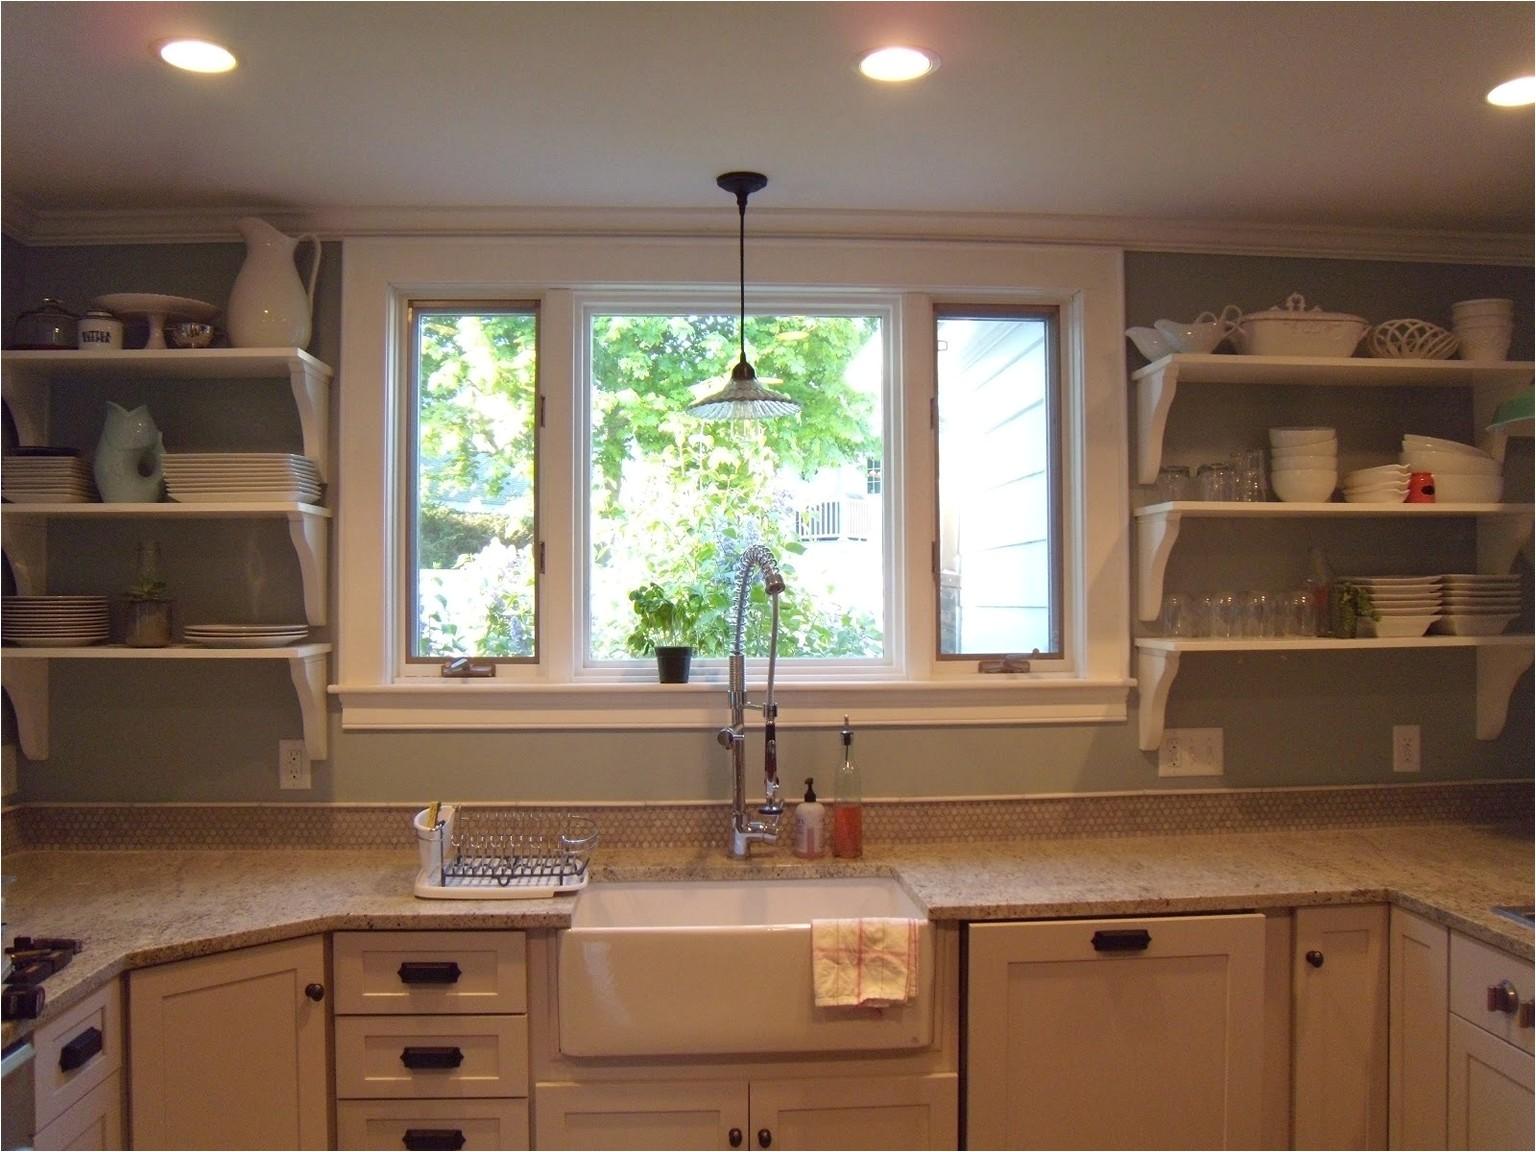 contemporary kitchen window design